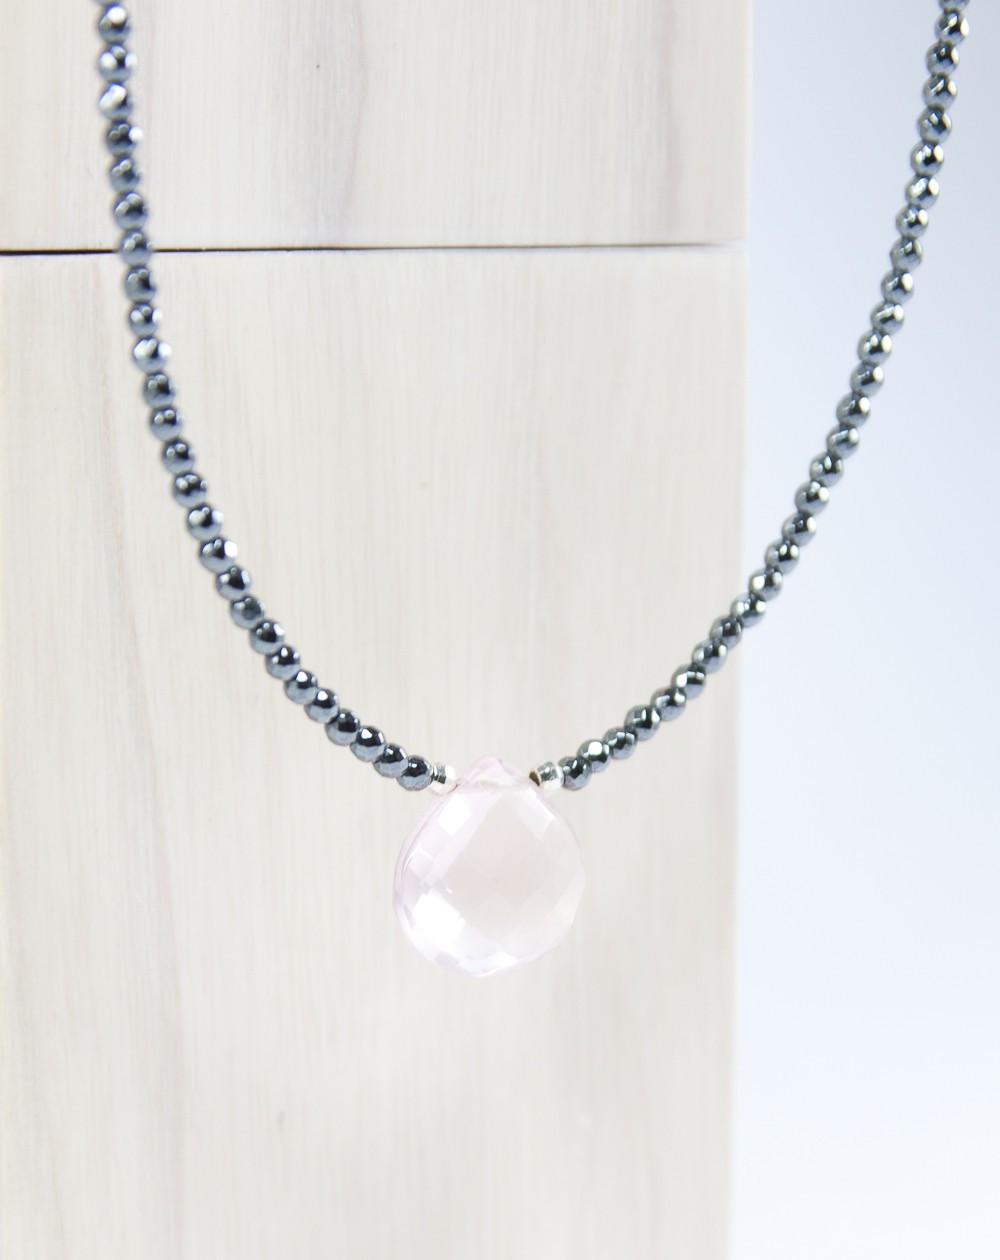 Collier en pierres naturelles, hématite et quartz rose